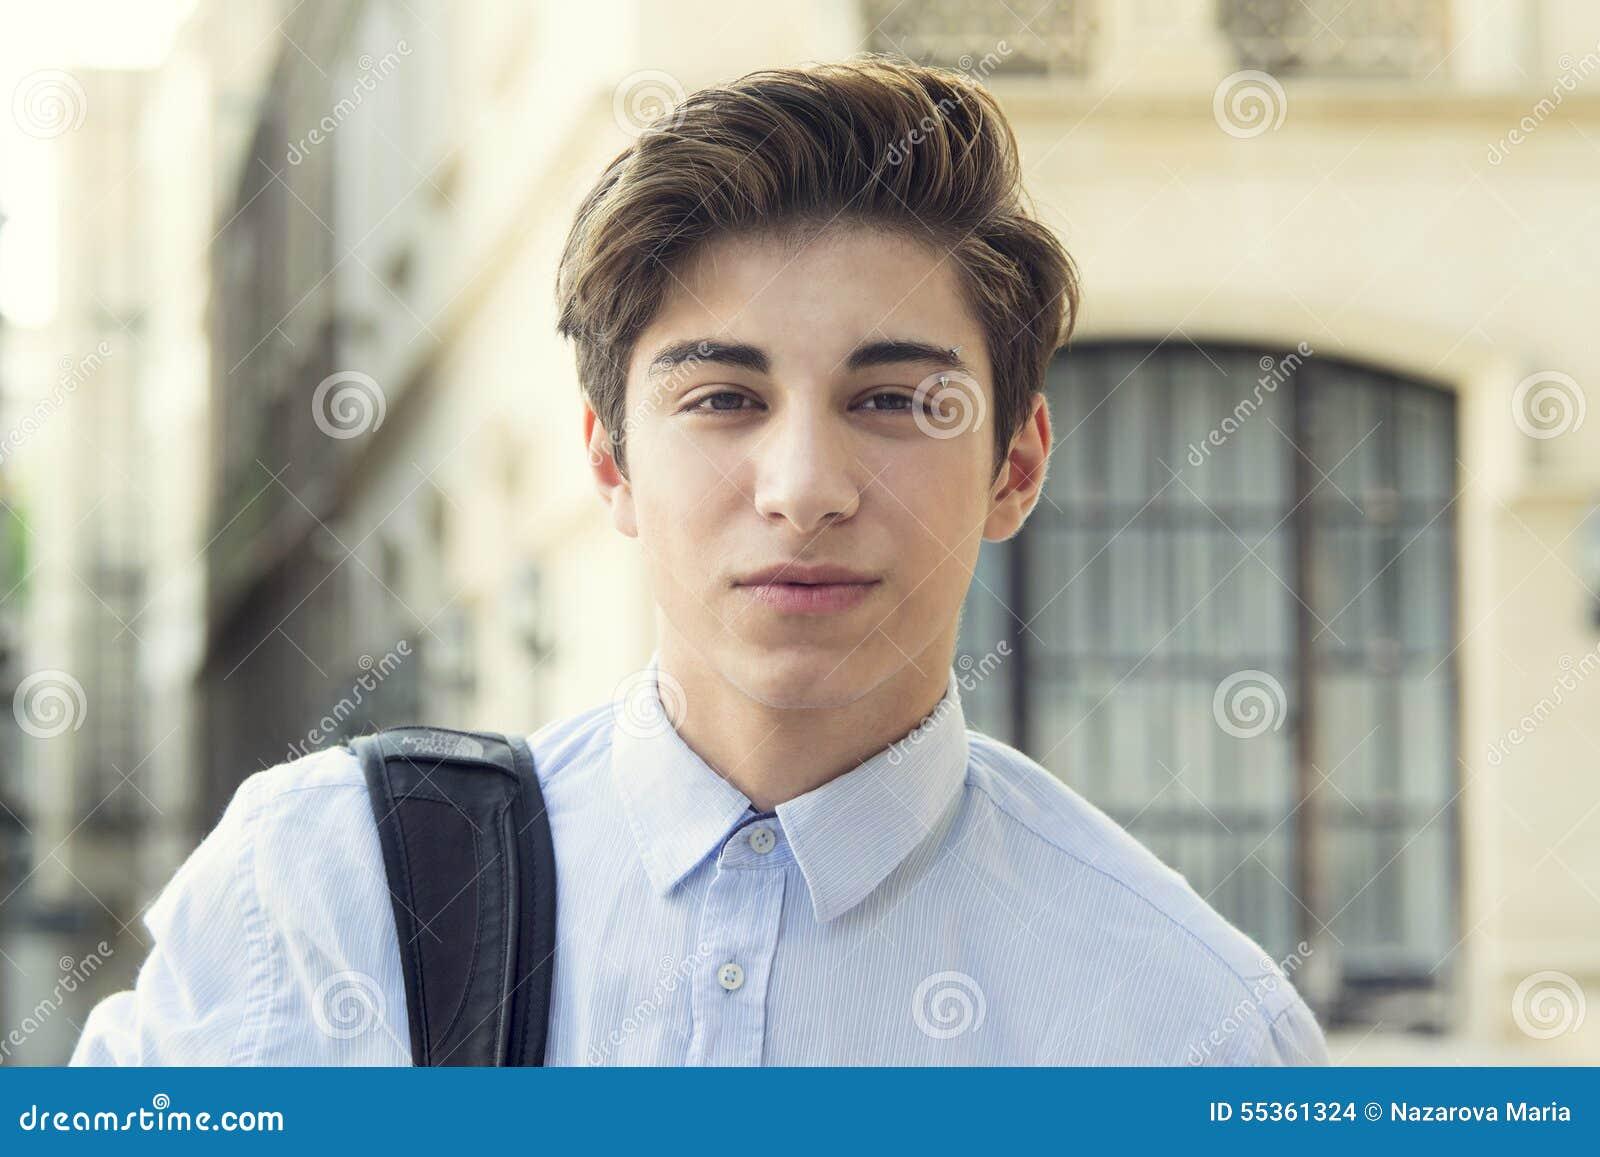 Teen Guy Stock Photo - Image: 55361324